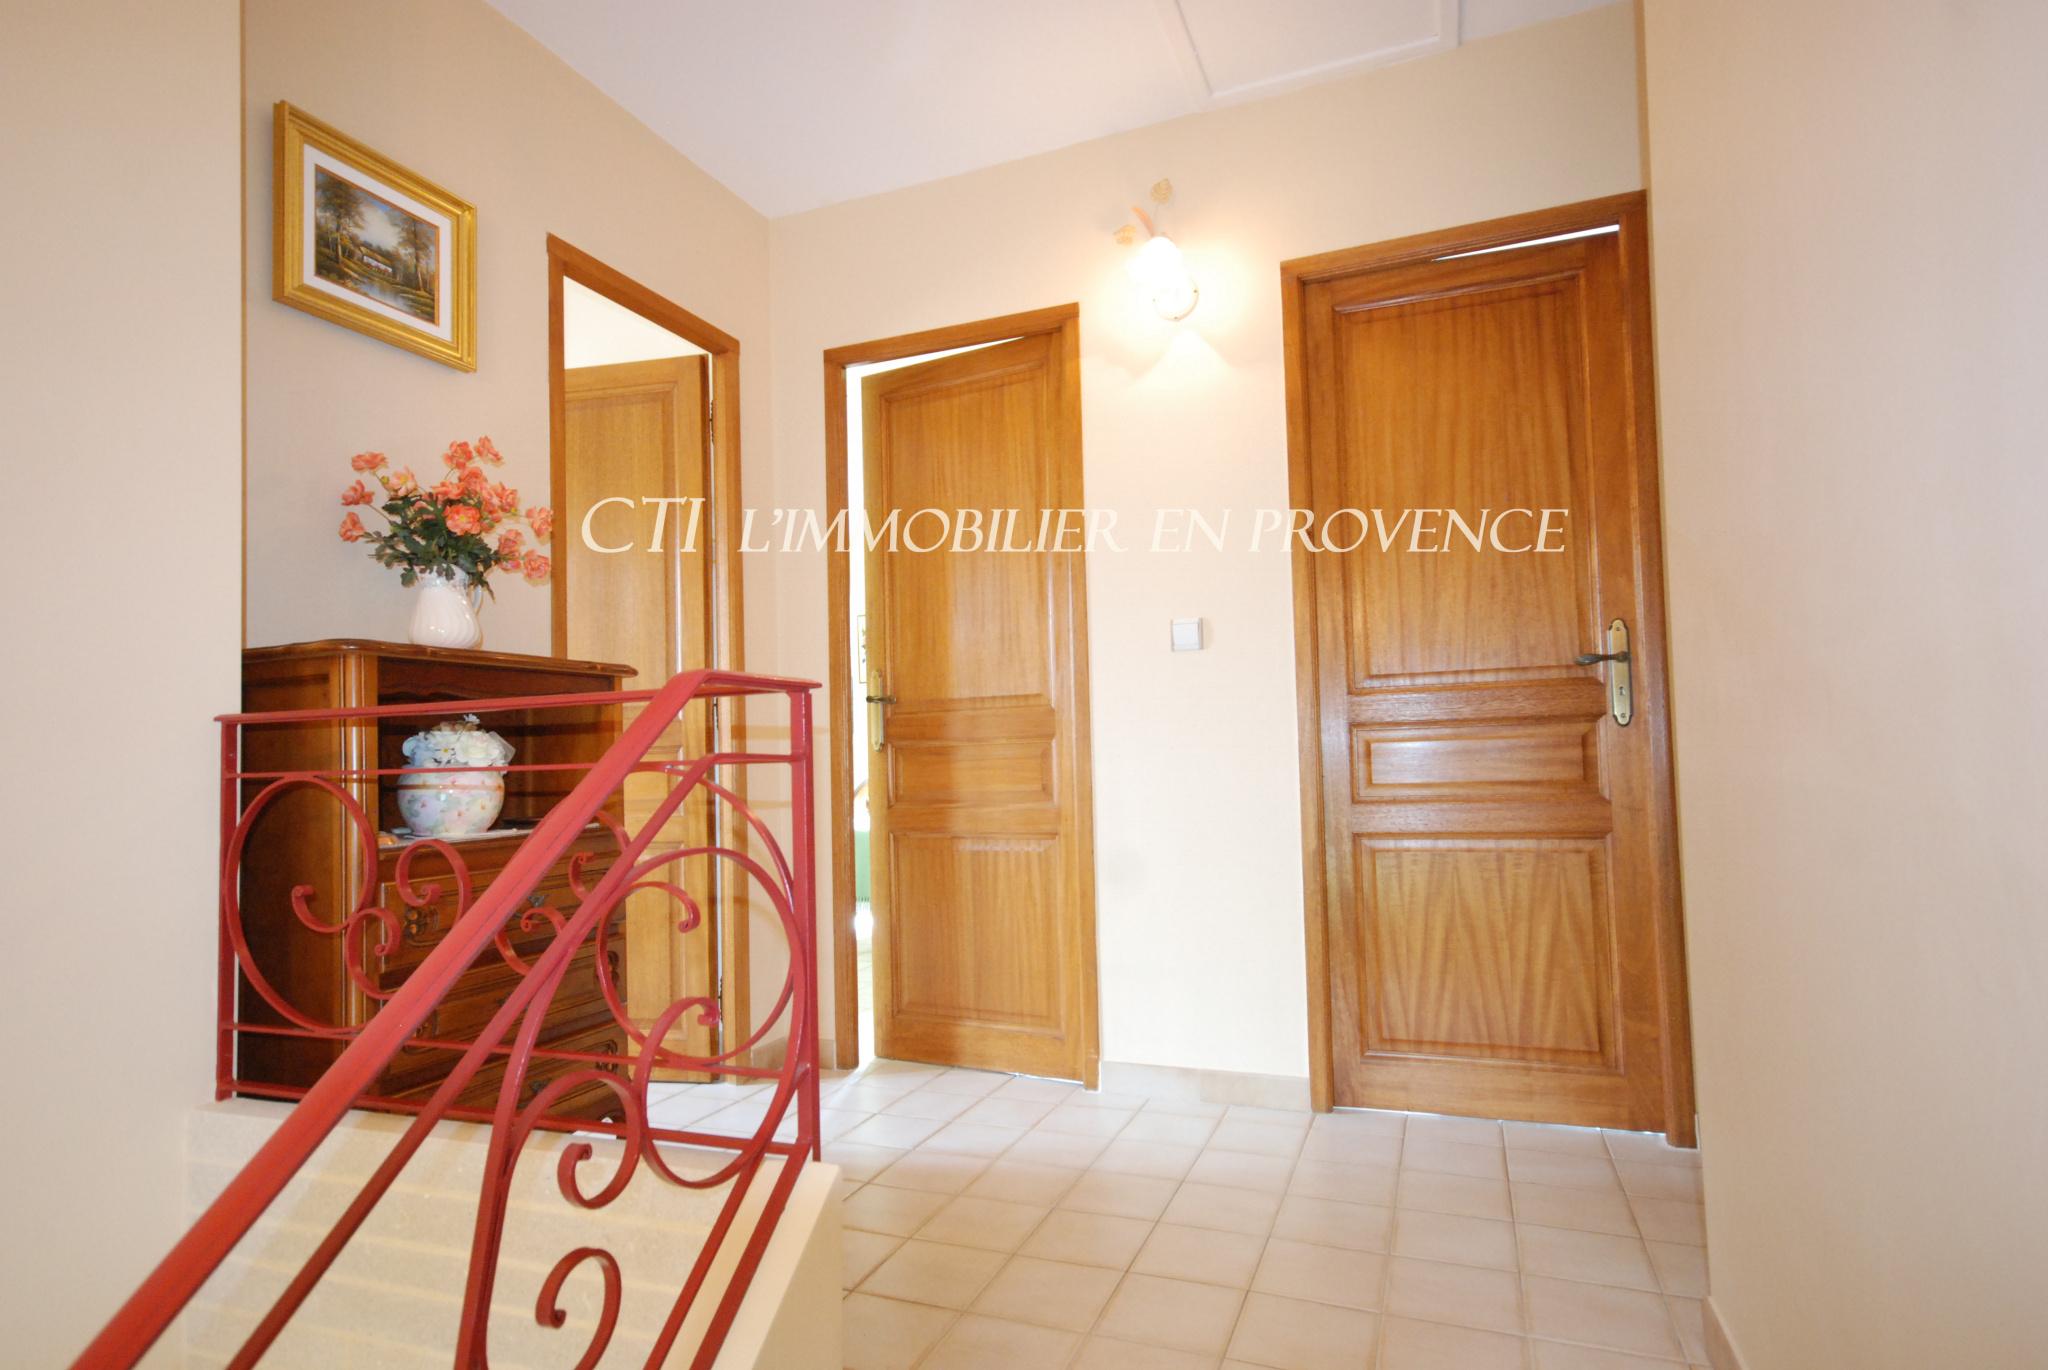 www.cti-provence.net A VENDRE VILLA PROVENÇALE VAISON LA ROMAINE PROCHE CENTRE VILLE JARDIN PISCINE